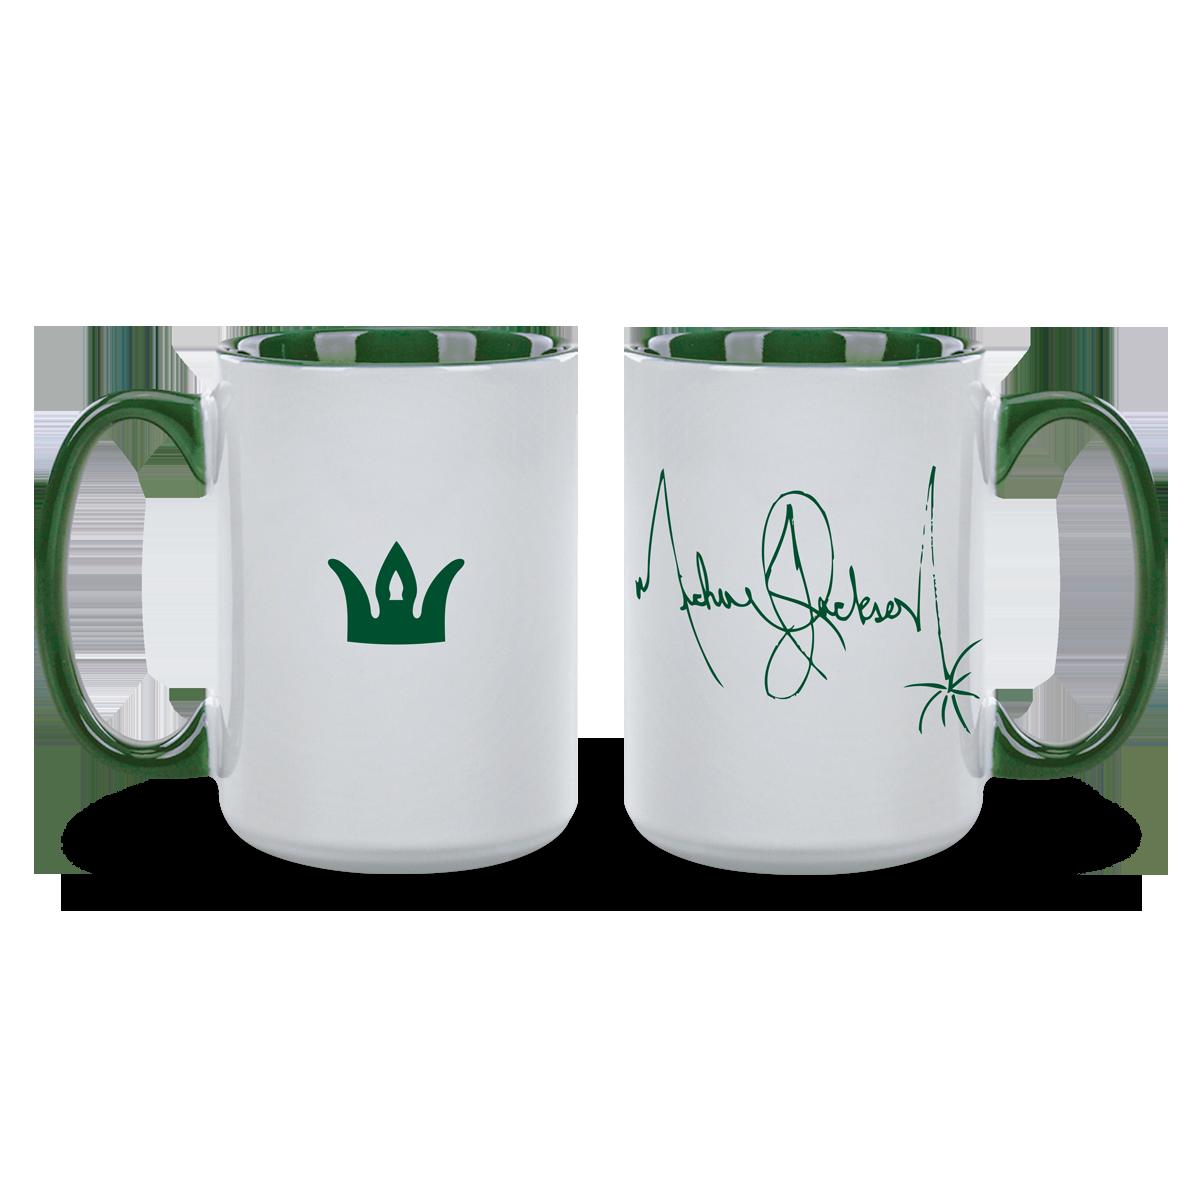 MJ Signature Mug